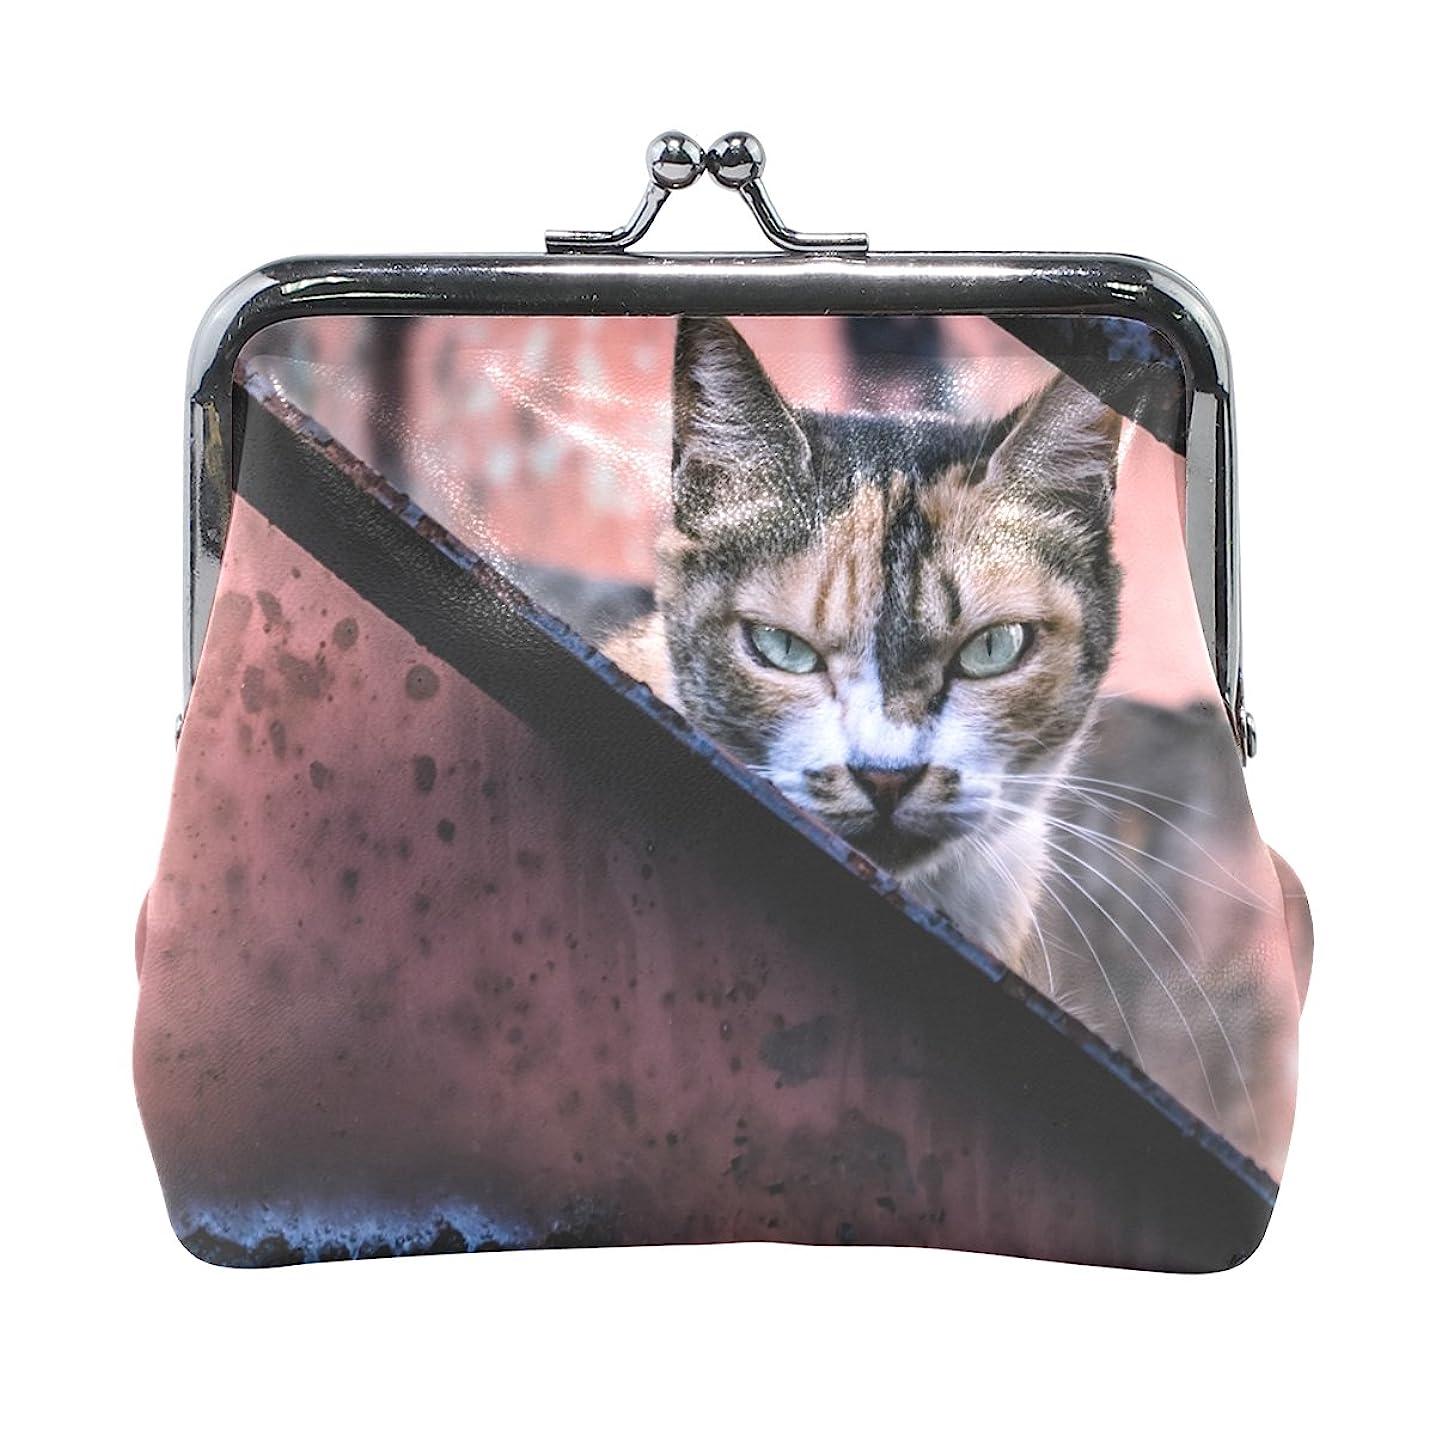 仕えるユダヤ人ではごきげんようAOMOKI 財布 小銭入れ ガマ口 コインケース レザー ねこ キレる 怒る 猫 にゃんこ